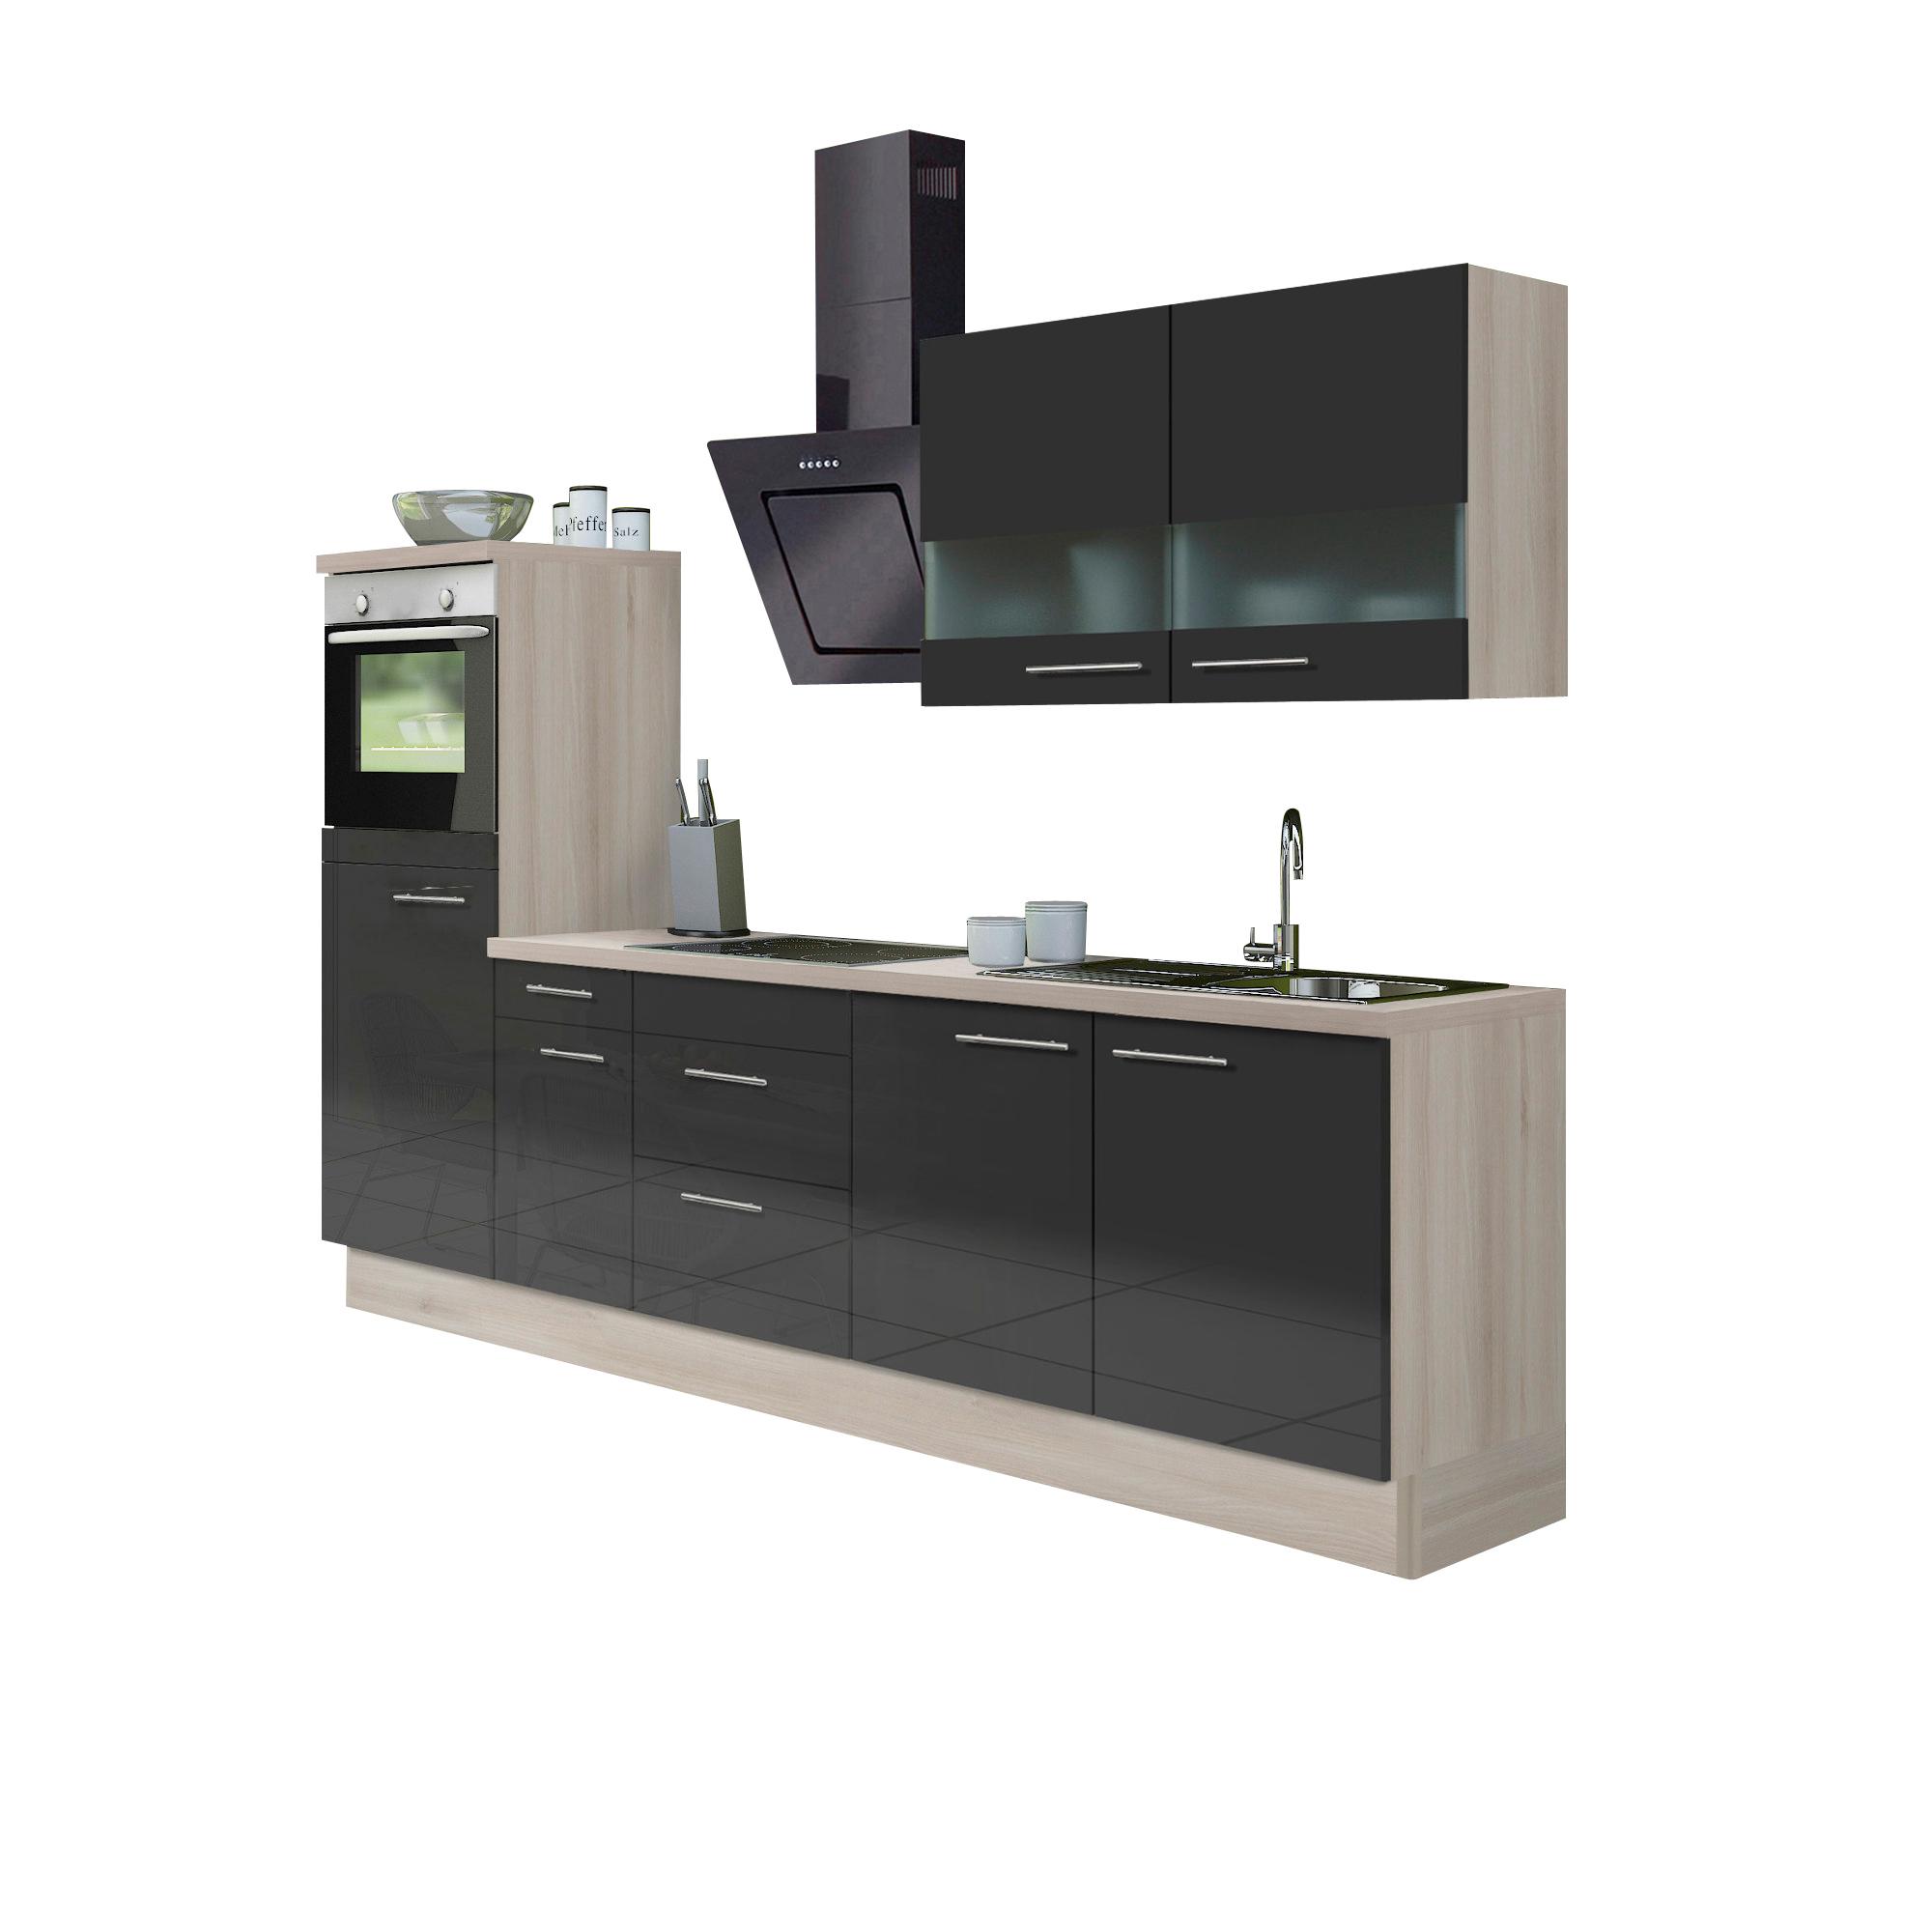 k chenzeile leon vario 8 2 k che mit e ger ten breite 270 cm braun k che k chenzeilen. Black Bedroom Furniture Sets. Home Design Ideas